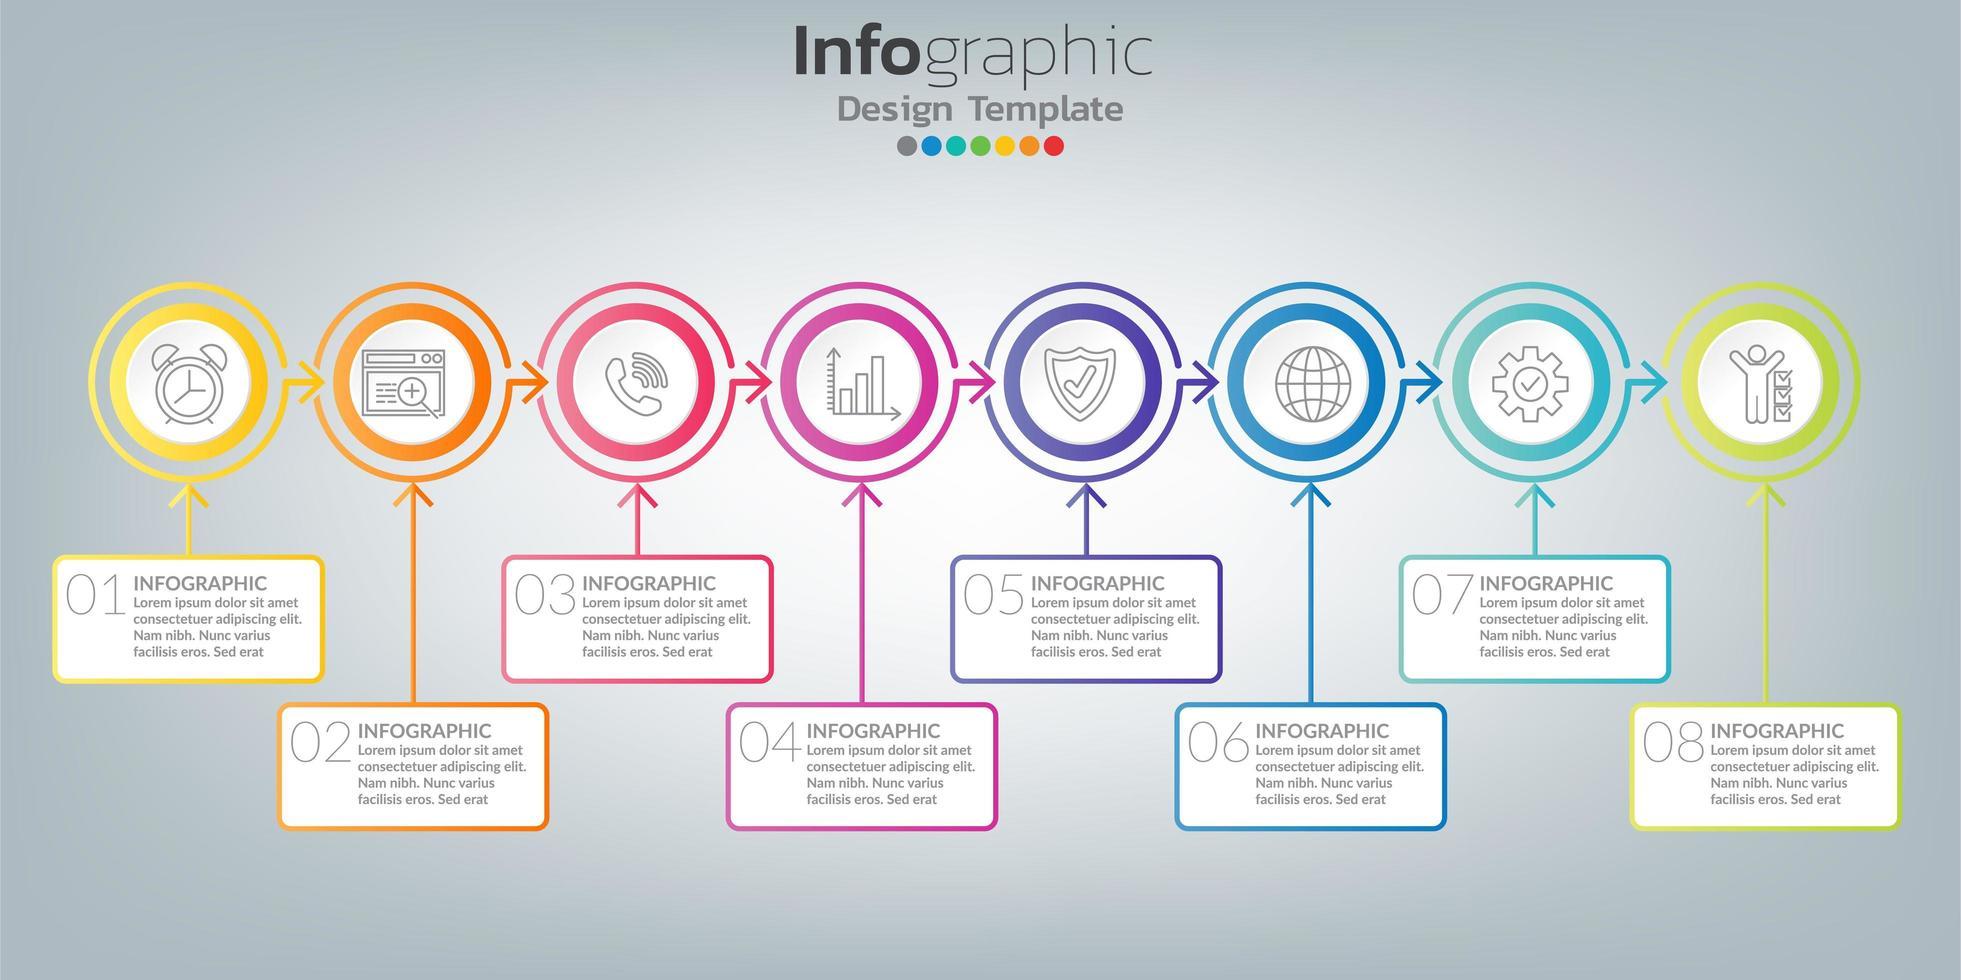 infographic i affärsidé med 8 alternativ, steg eller processer. vektor